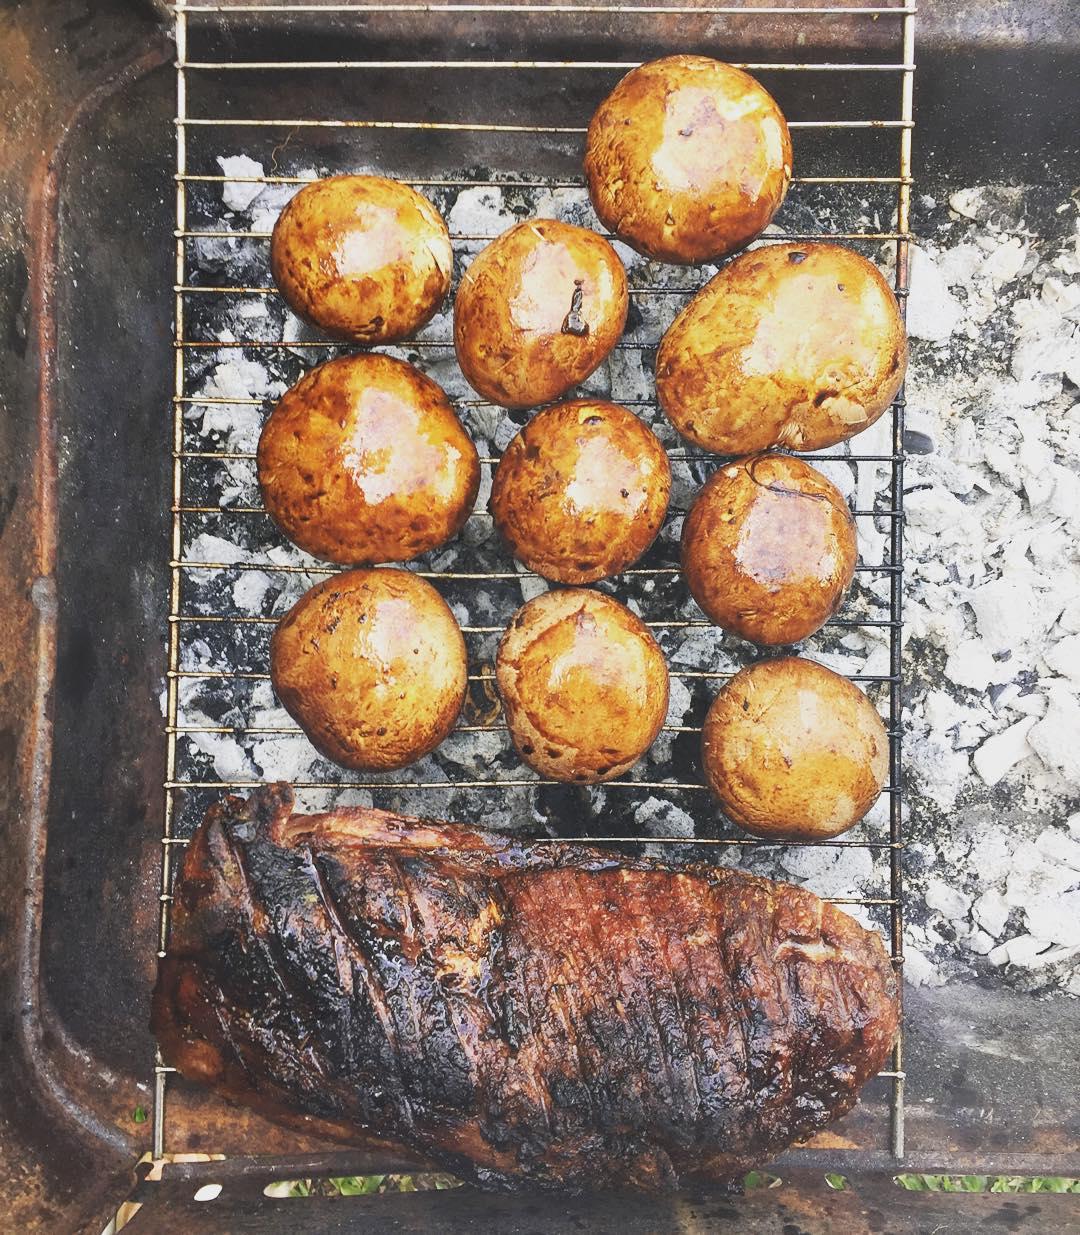 Esperando la alegría! #asado #argentina #domingo